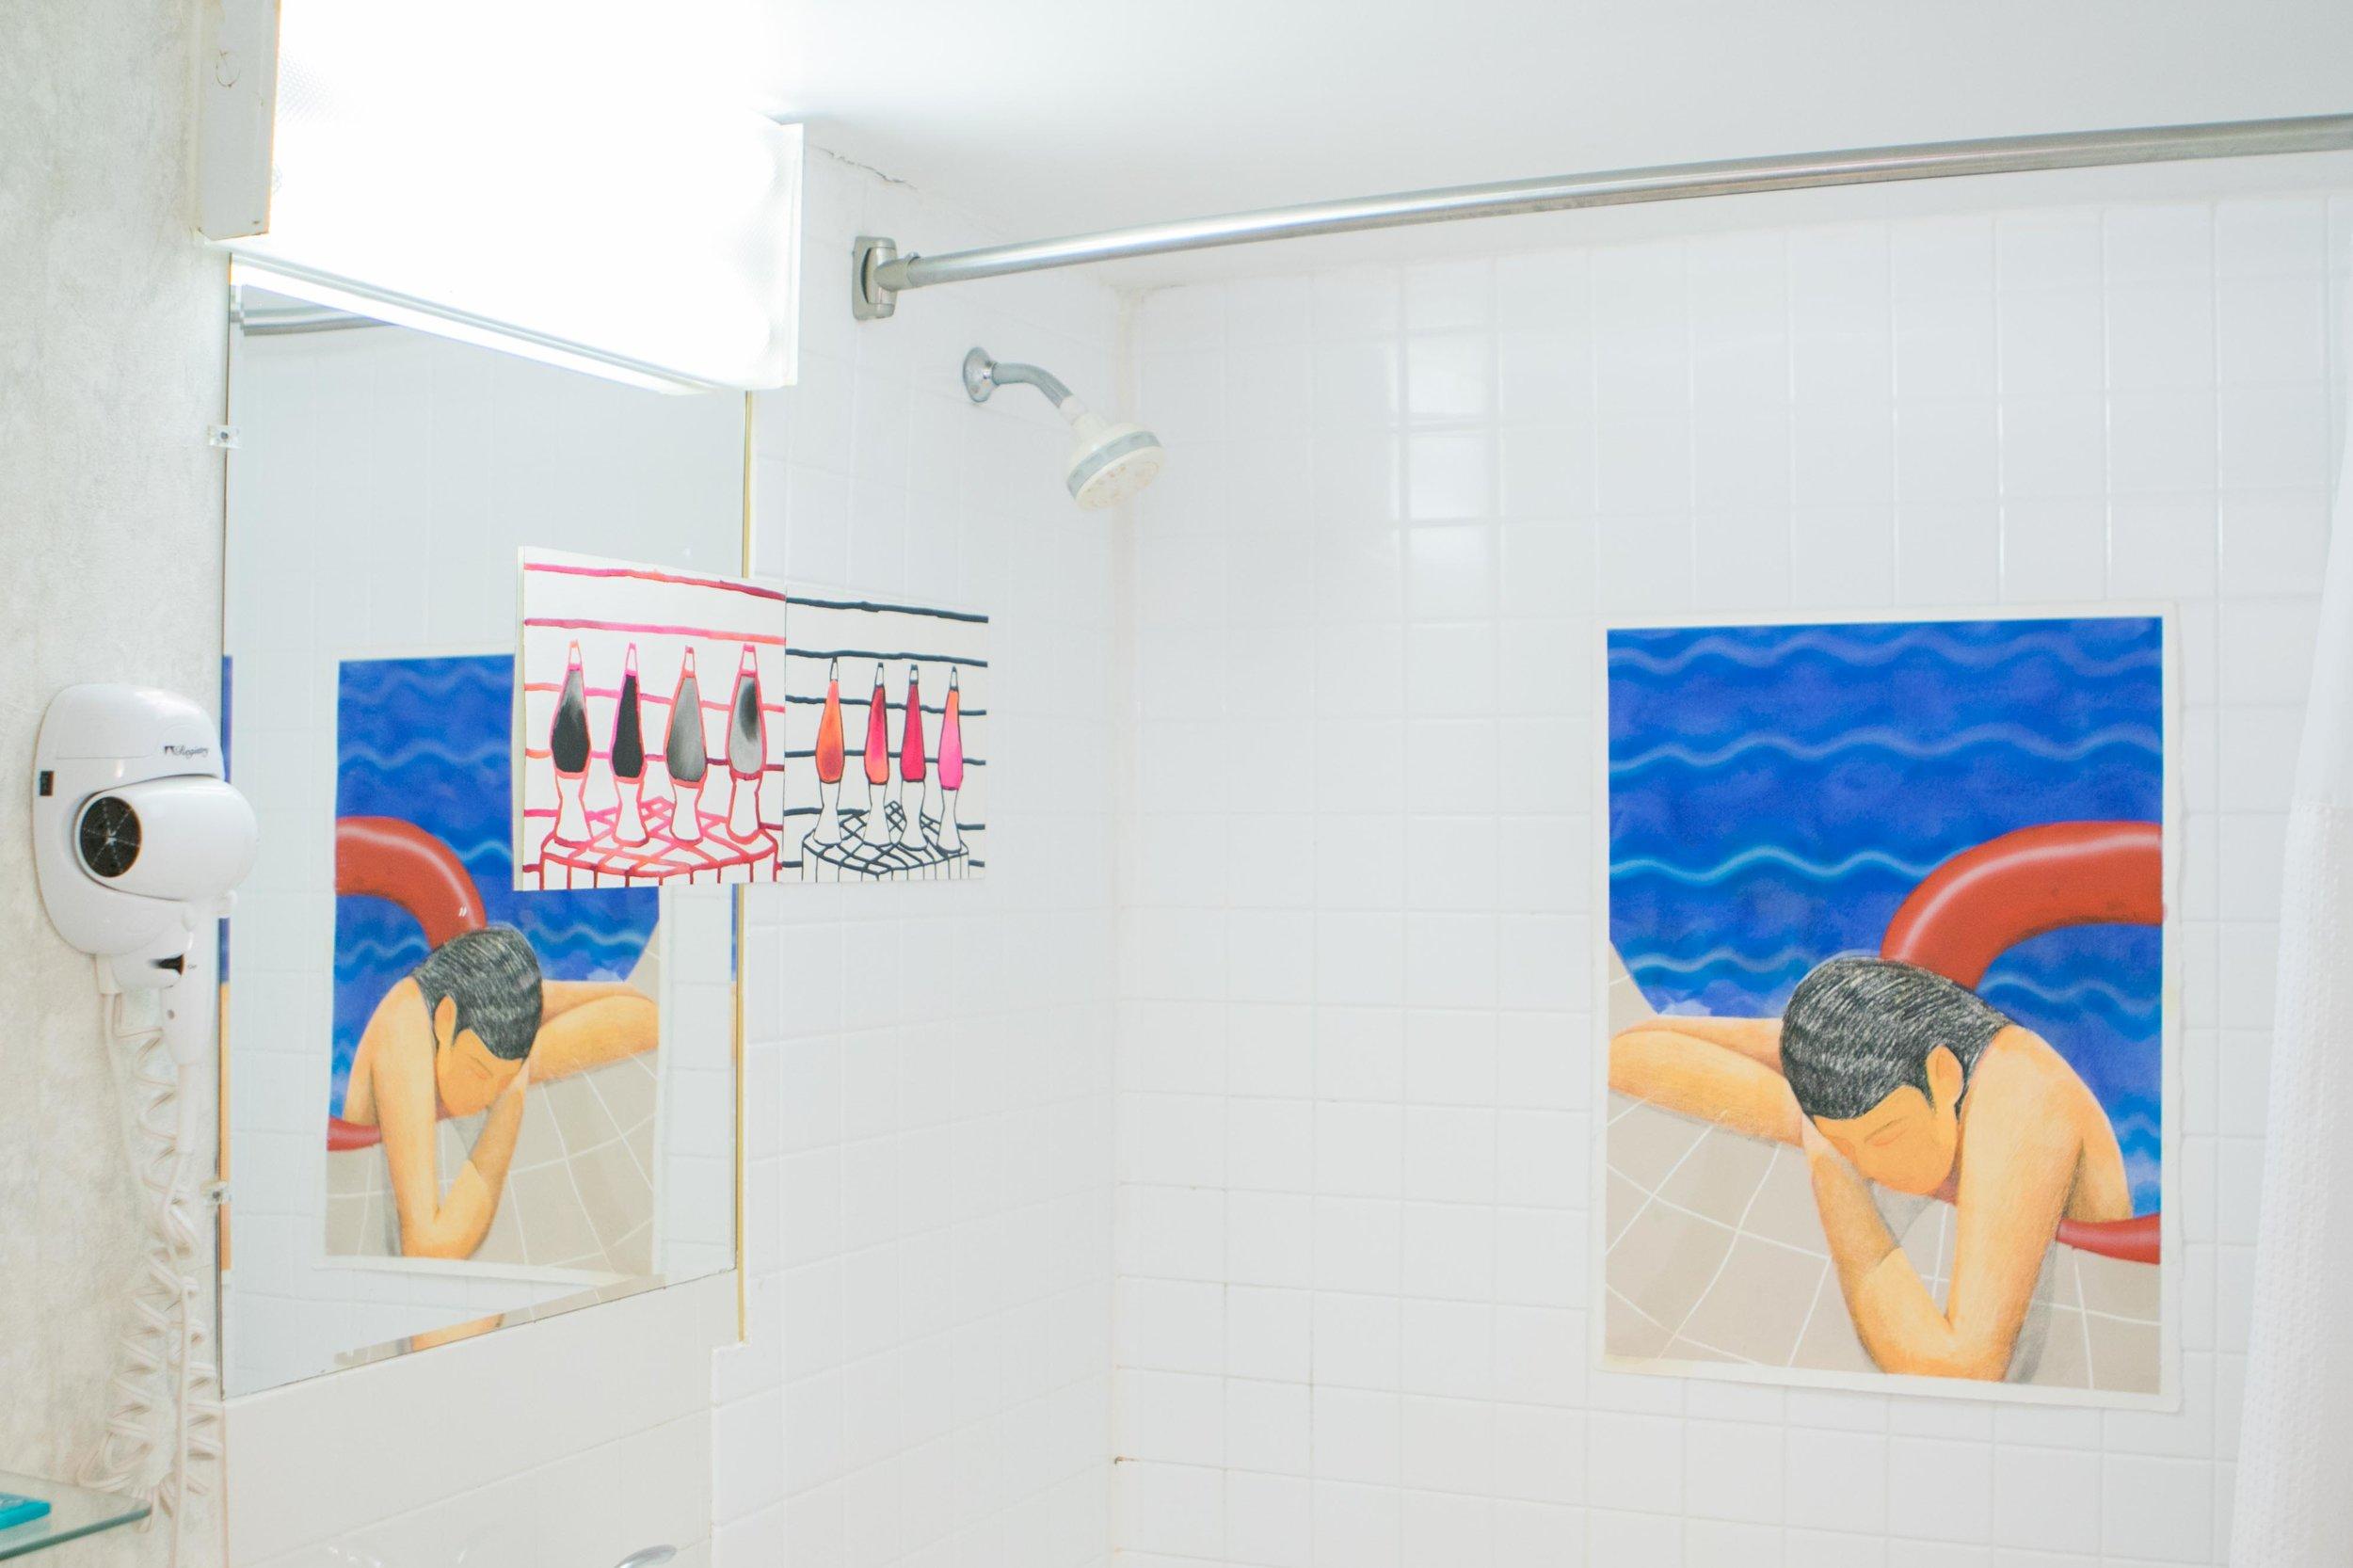 Motel_Install-48.jpg